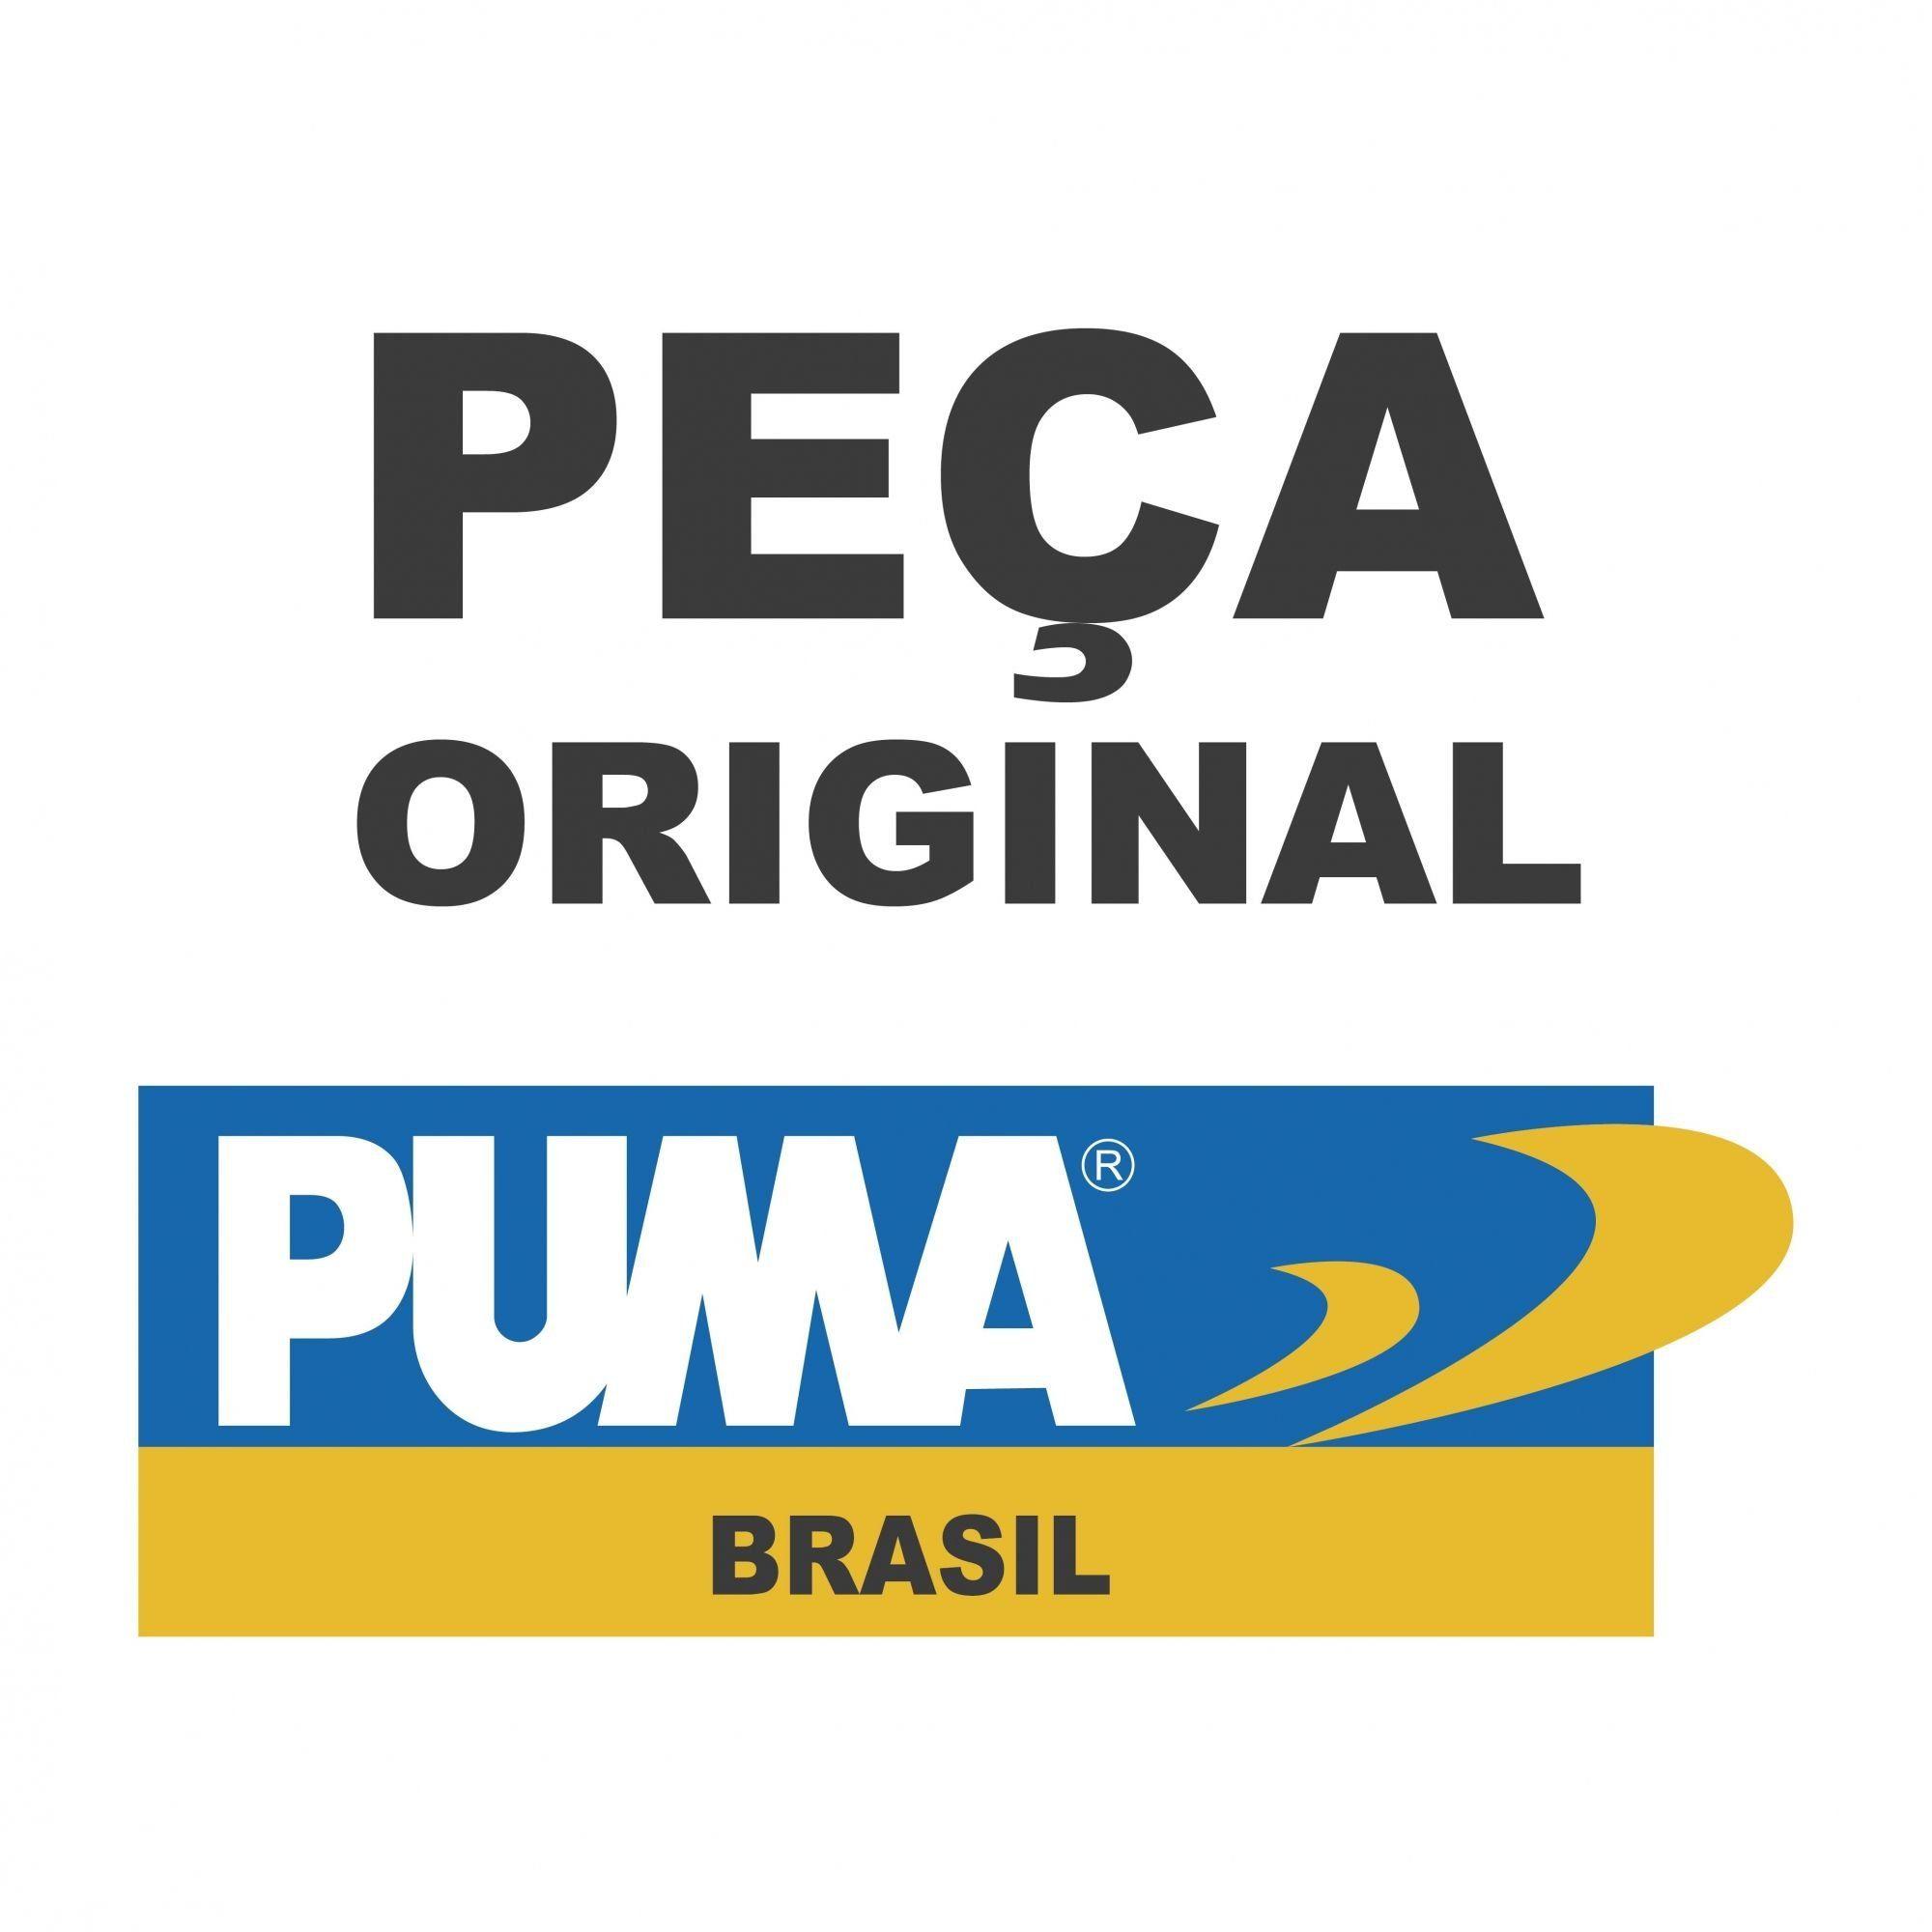 O'RING - PEÇA PNEUMÁTICA PUMA - T6007-64